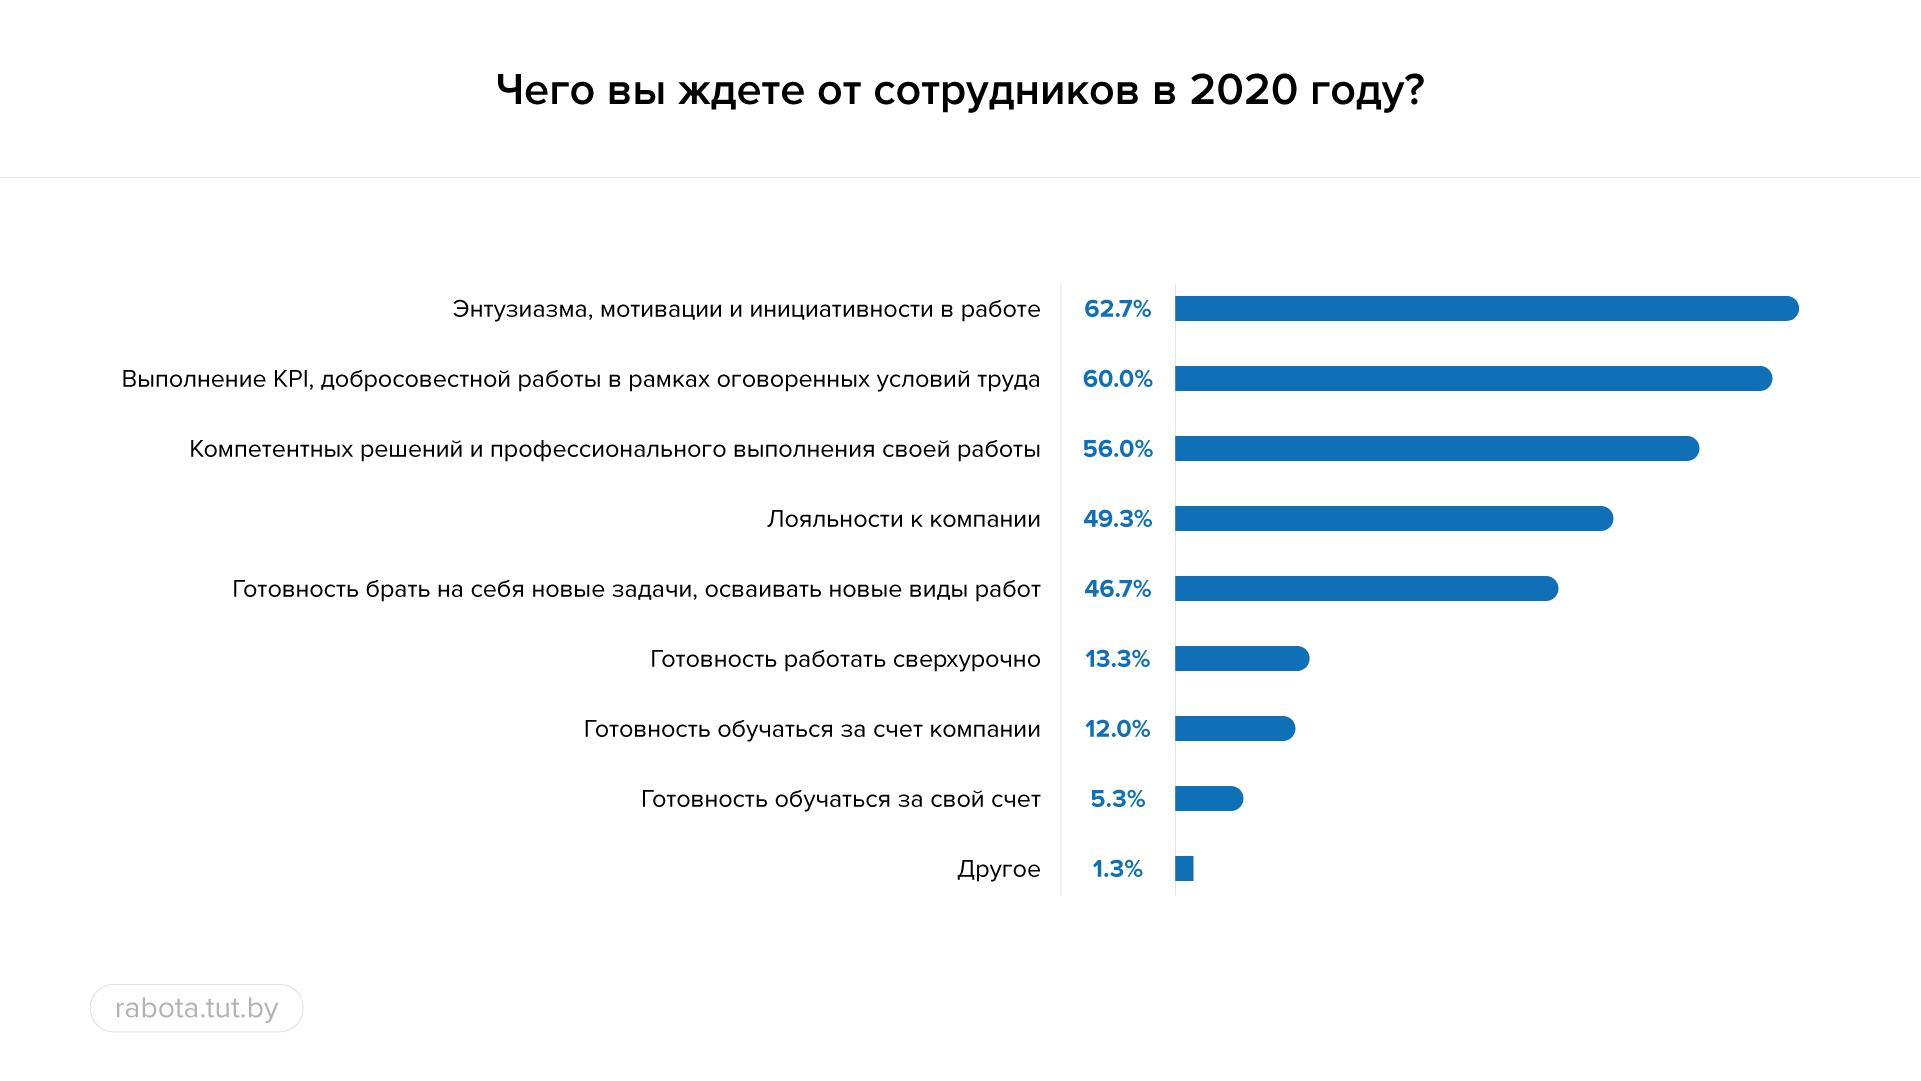 Рост зарплат и корпоративное обучение: что предложат работодатели  в 2020 году?